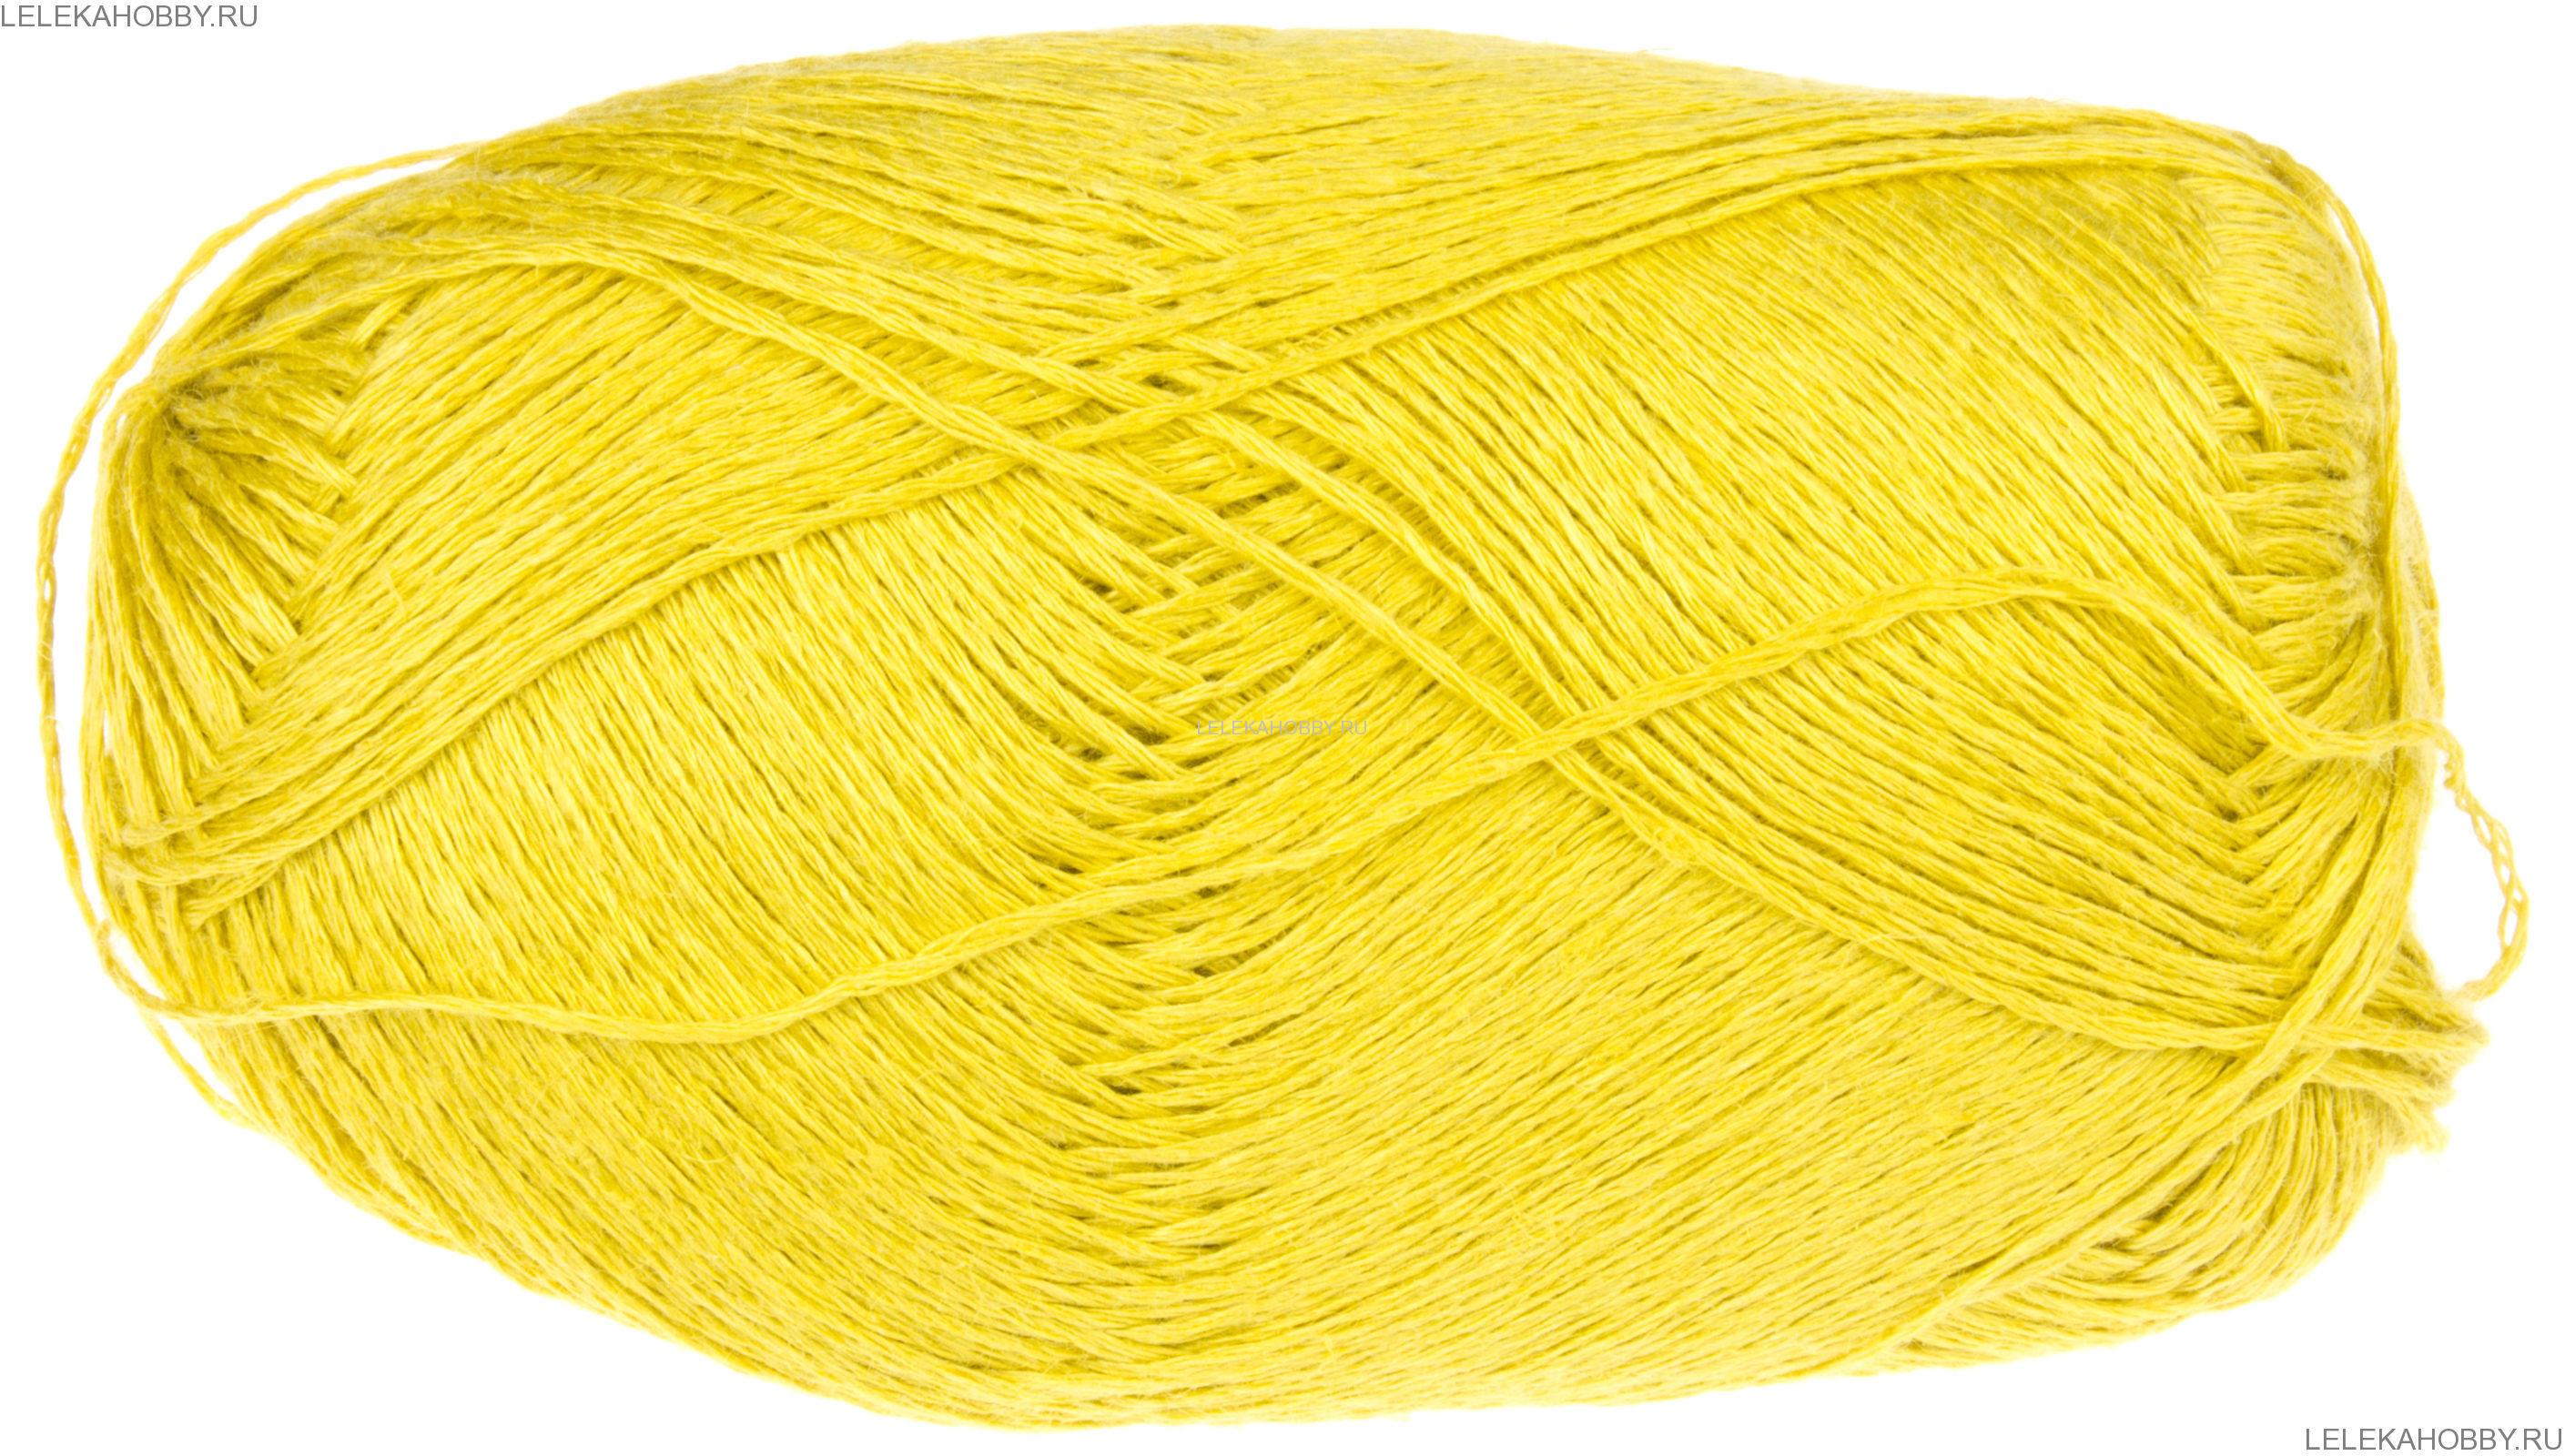 Пряжа из льна для вязания 35